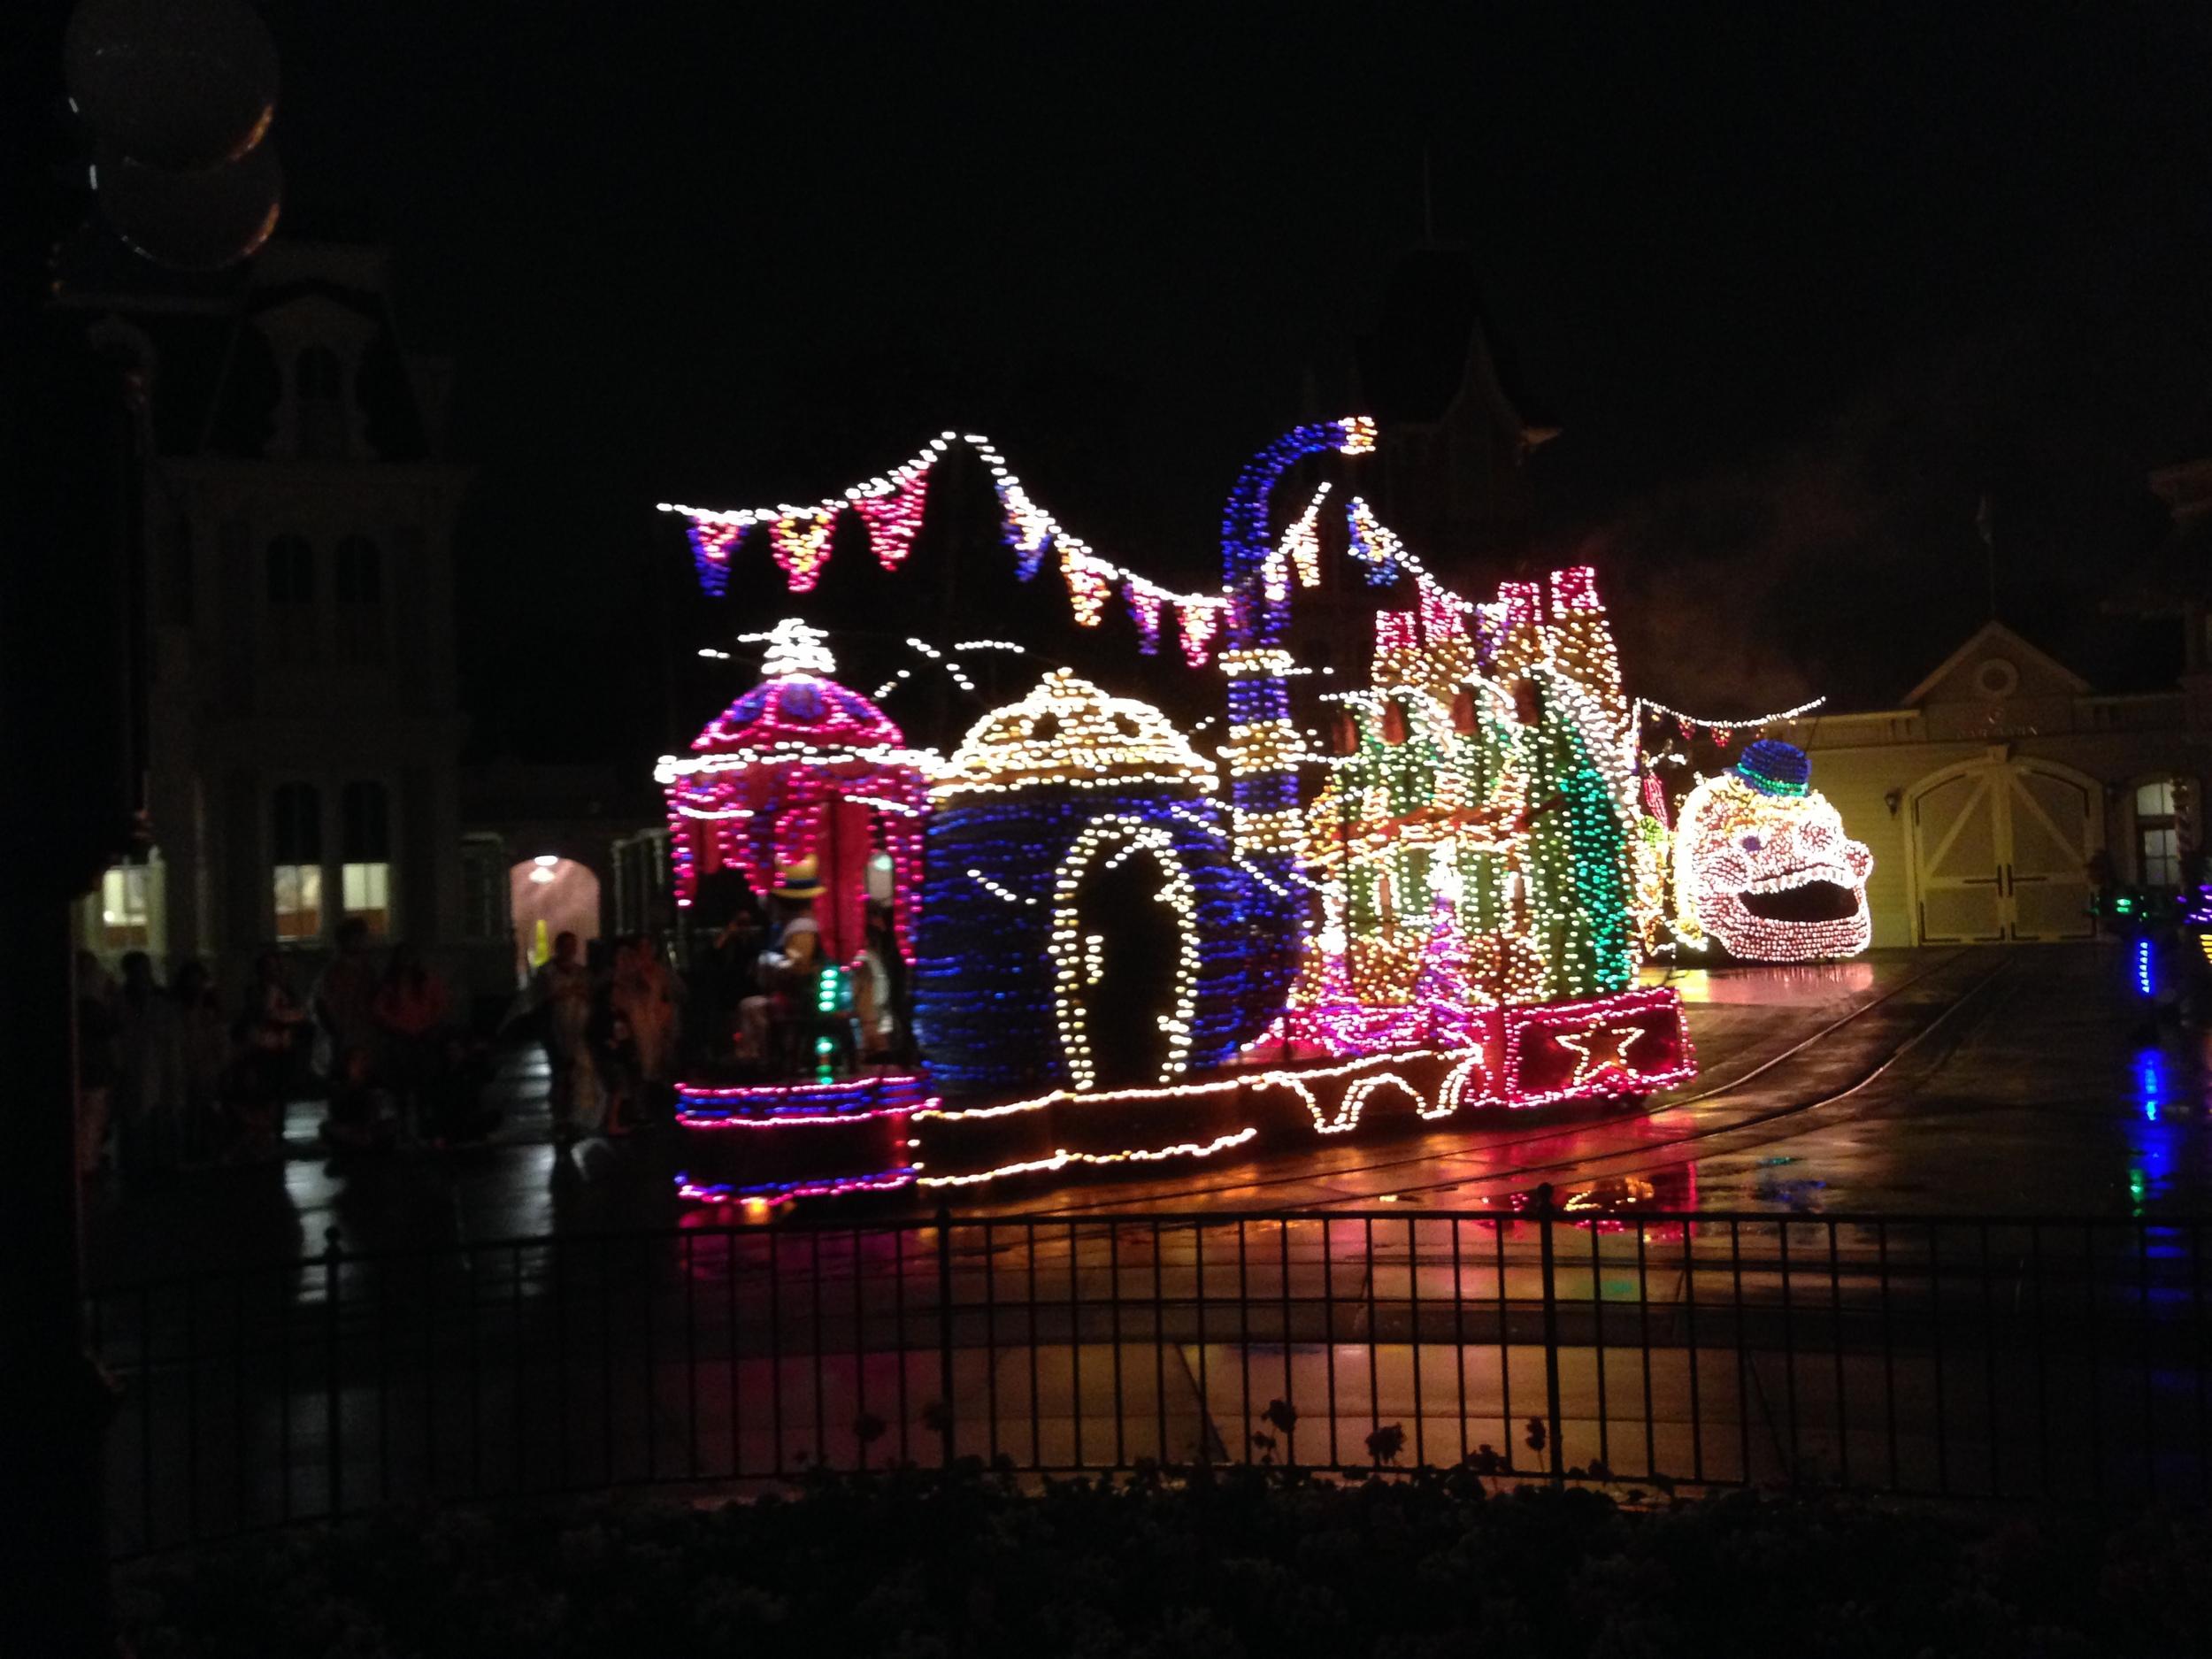 Disney parade/light show.